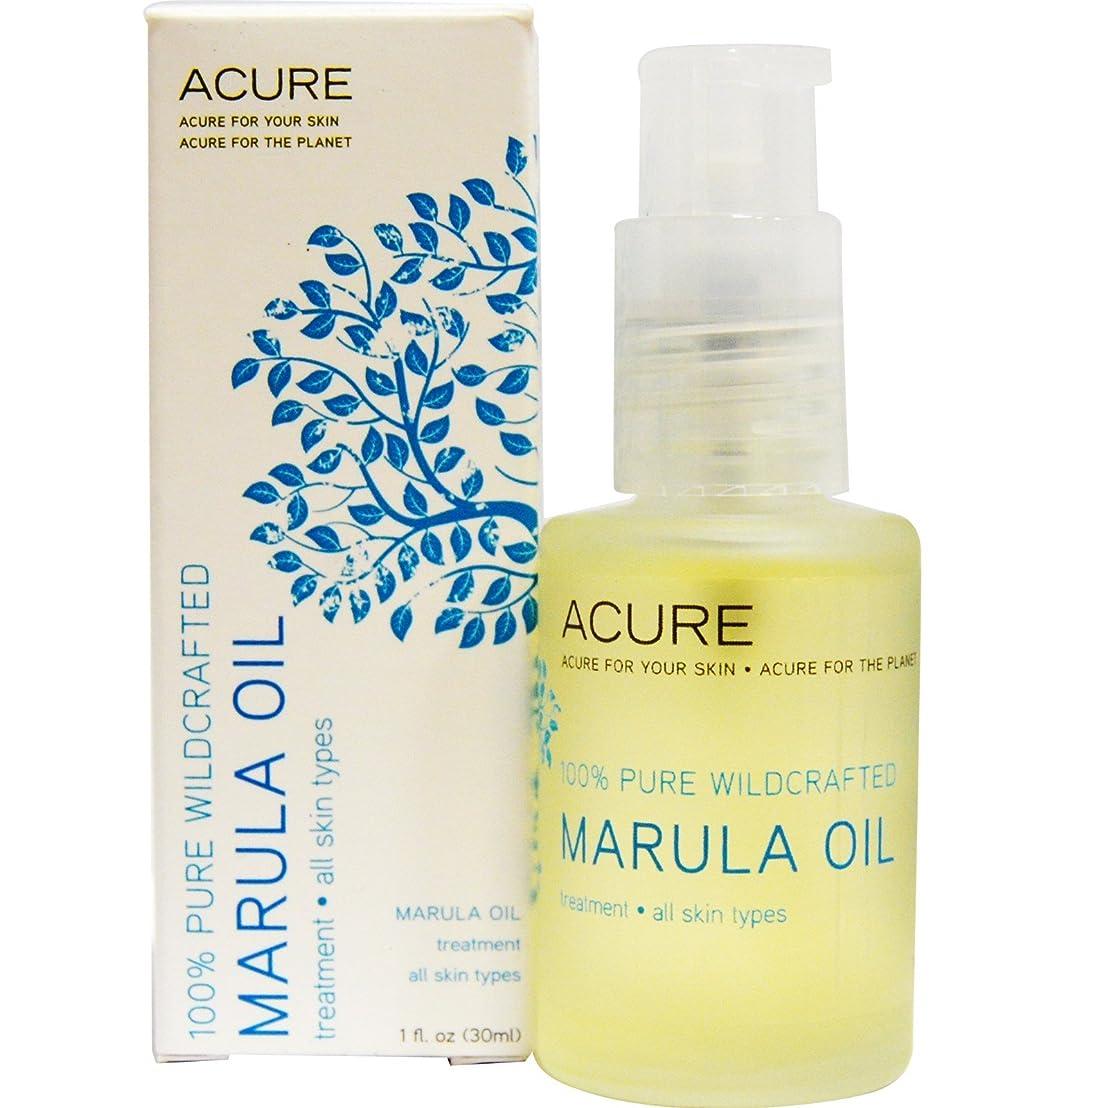 無謀くしゃみ一般化するAcure Organics, Marula Oil, ジ?エッセンシャルズ、マルーラオイル 1 oz (30 ml)